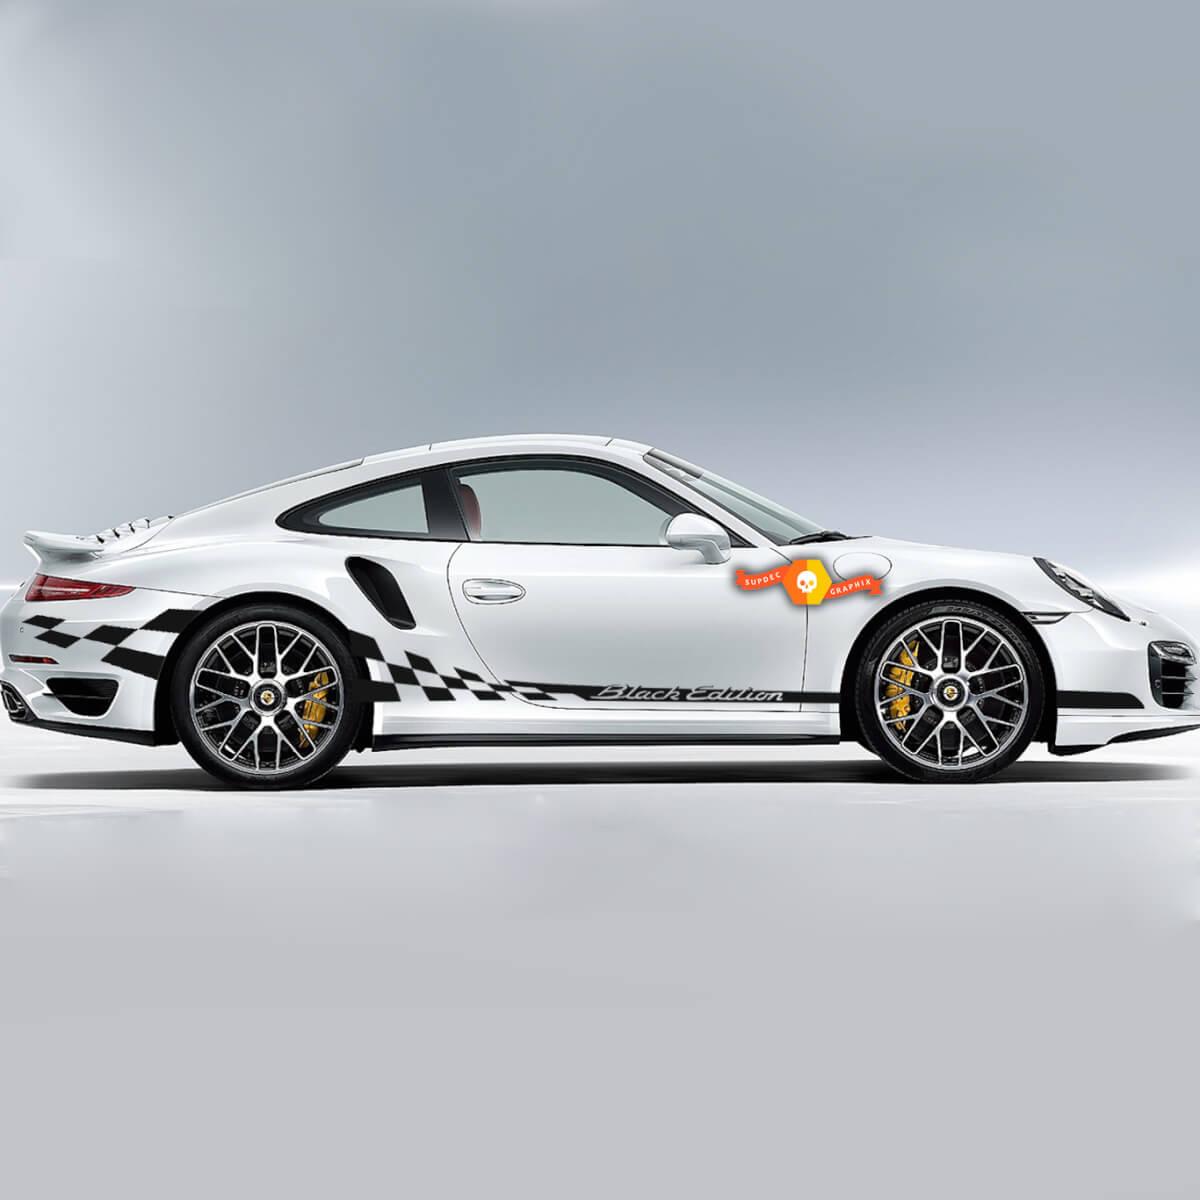 Porsche Black Edition Side Сheckered Flag Streifen